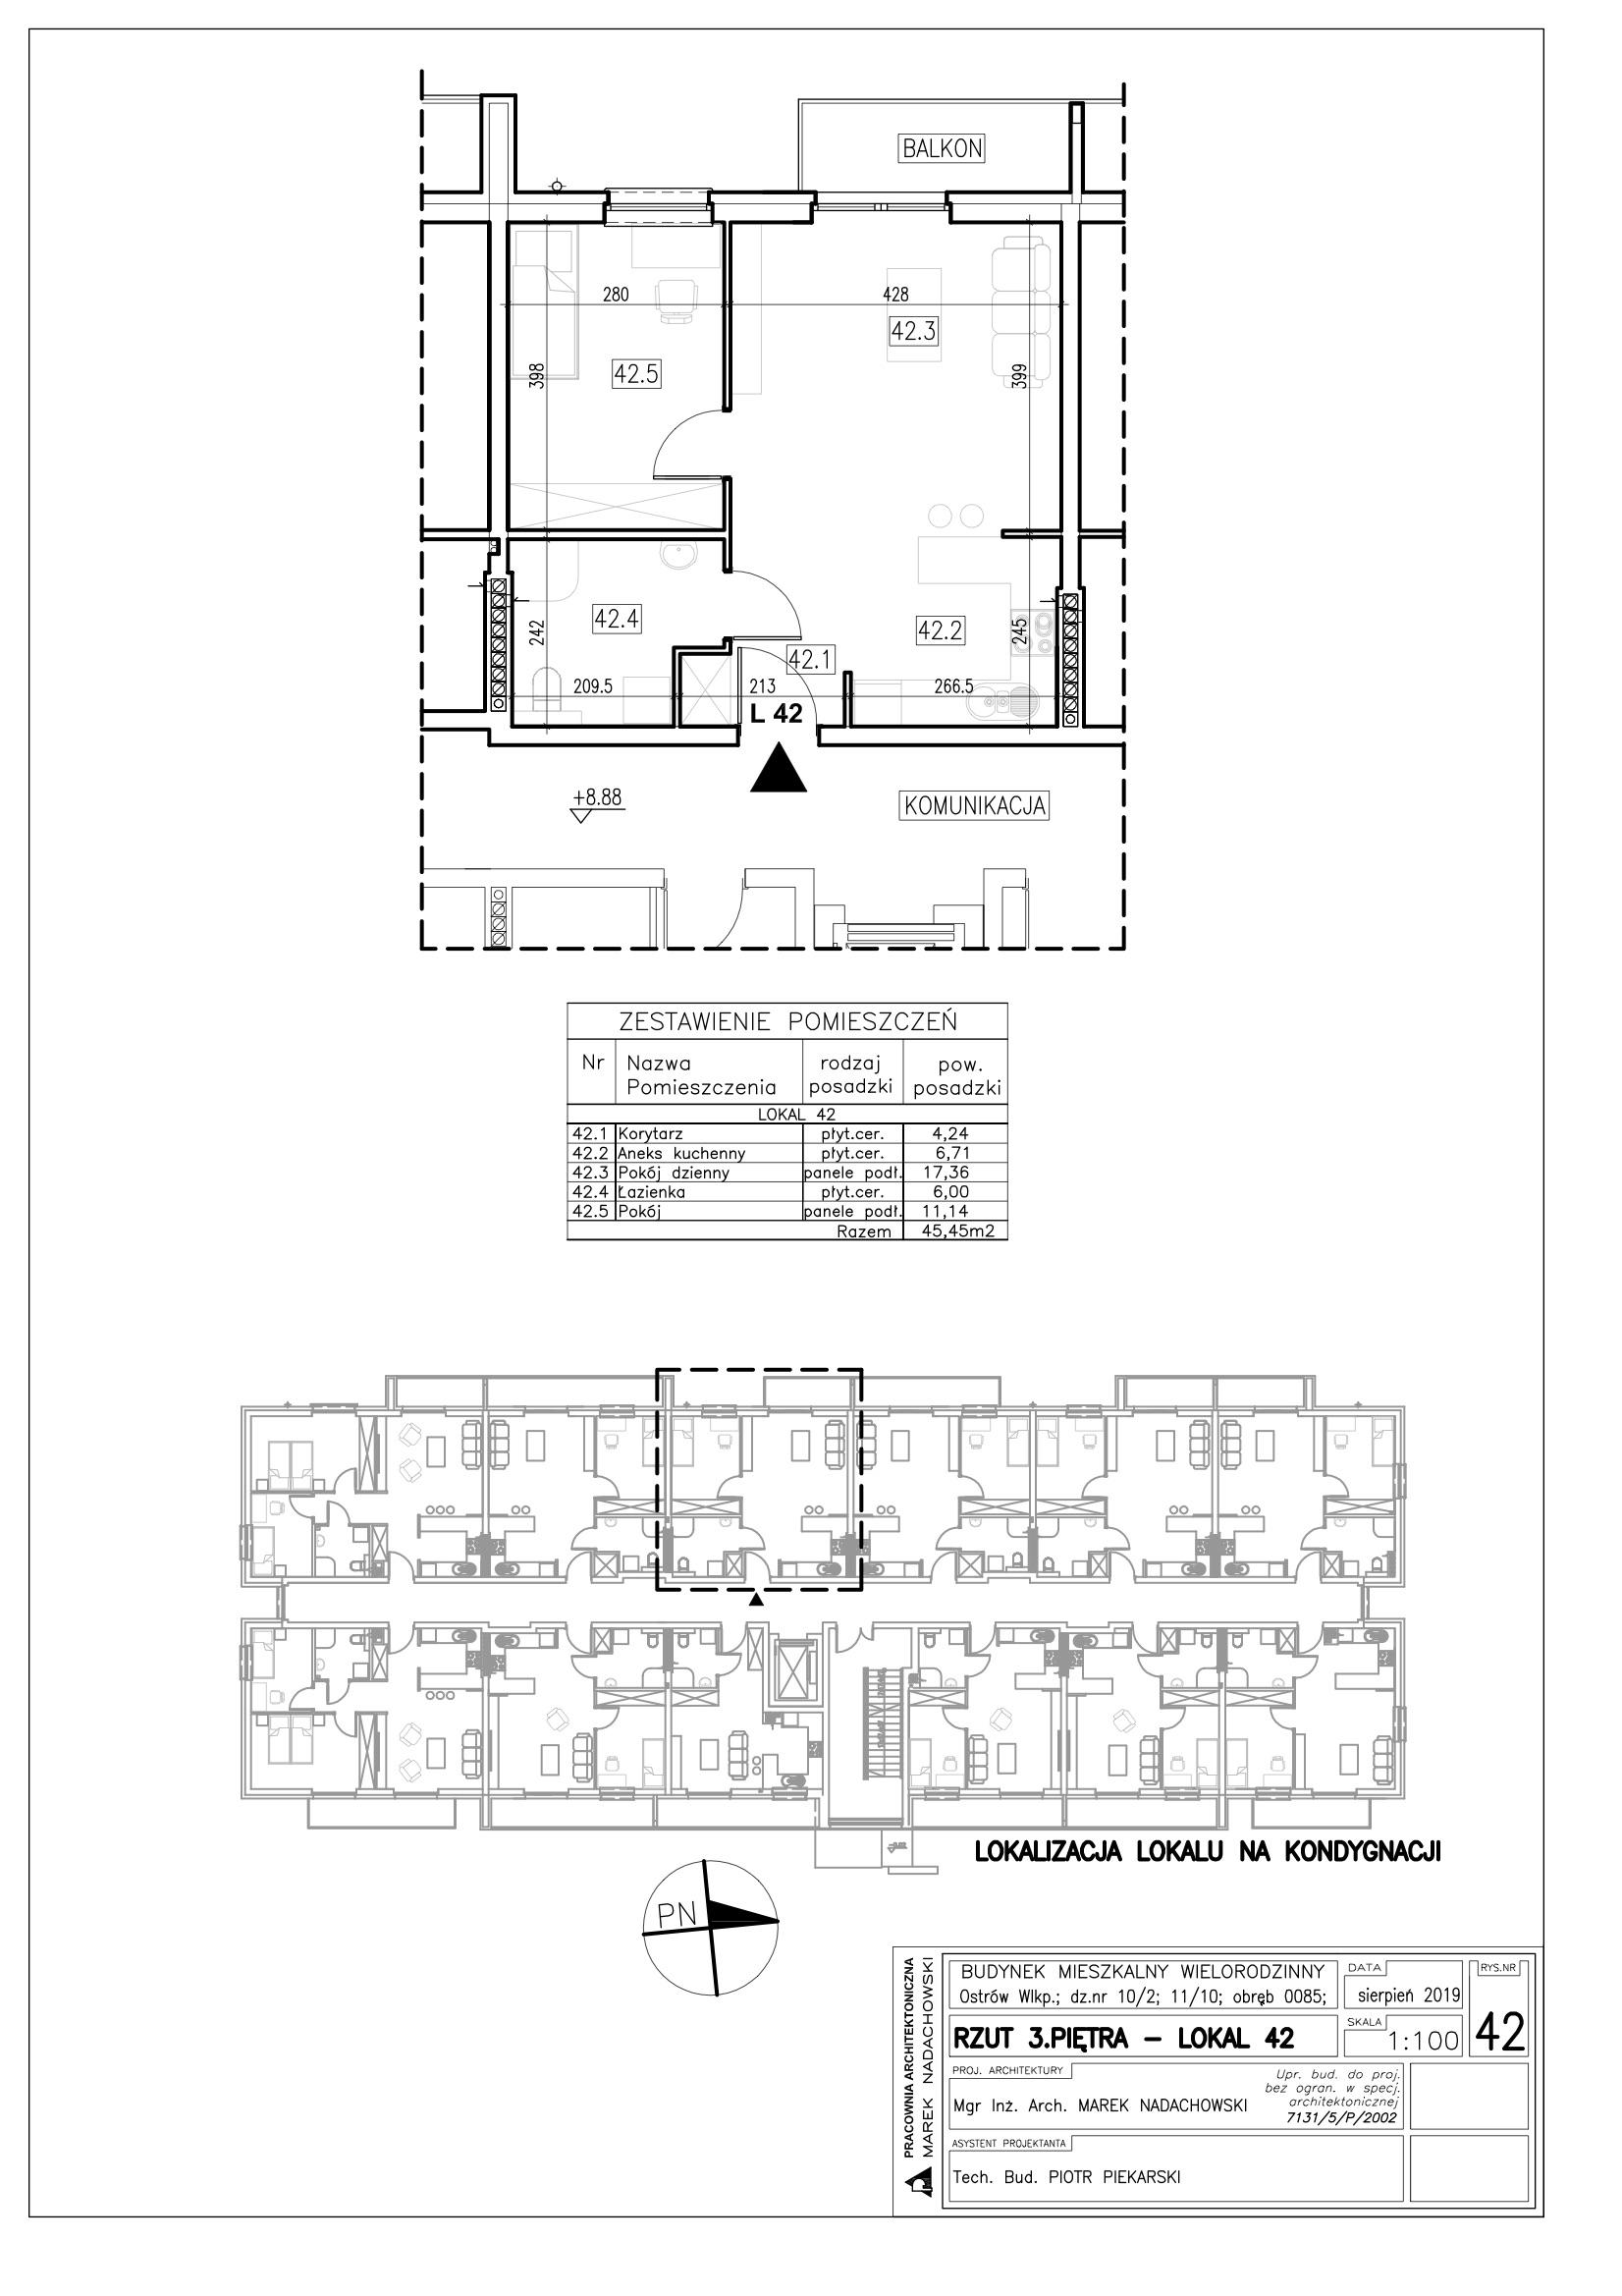 Lokal nr 42 powierzchnia 45,45m2